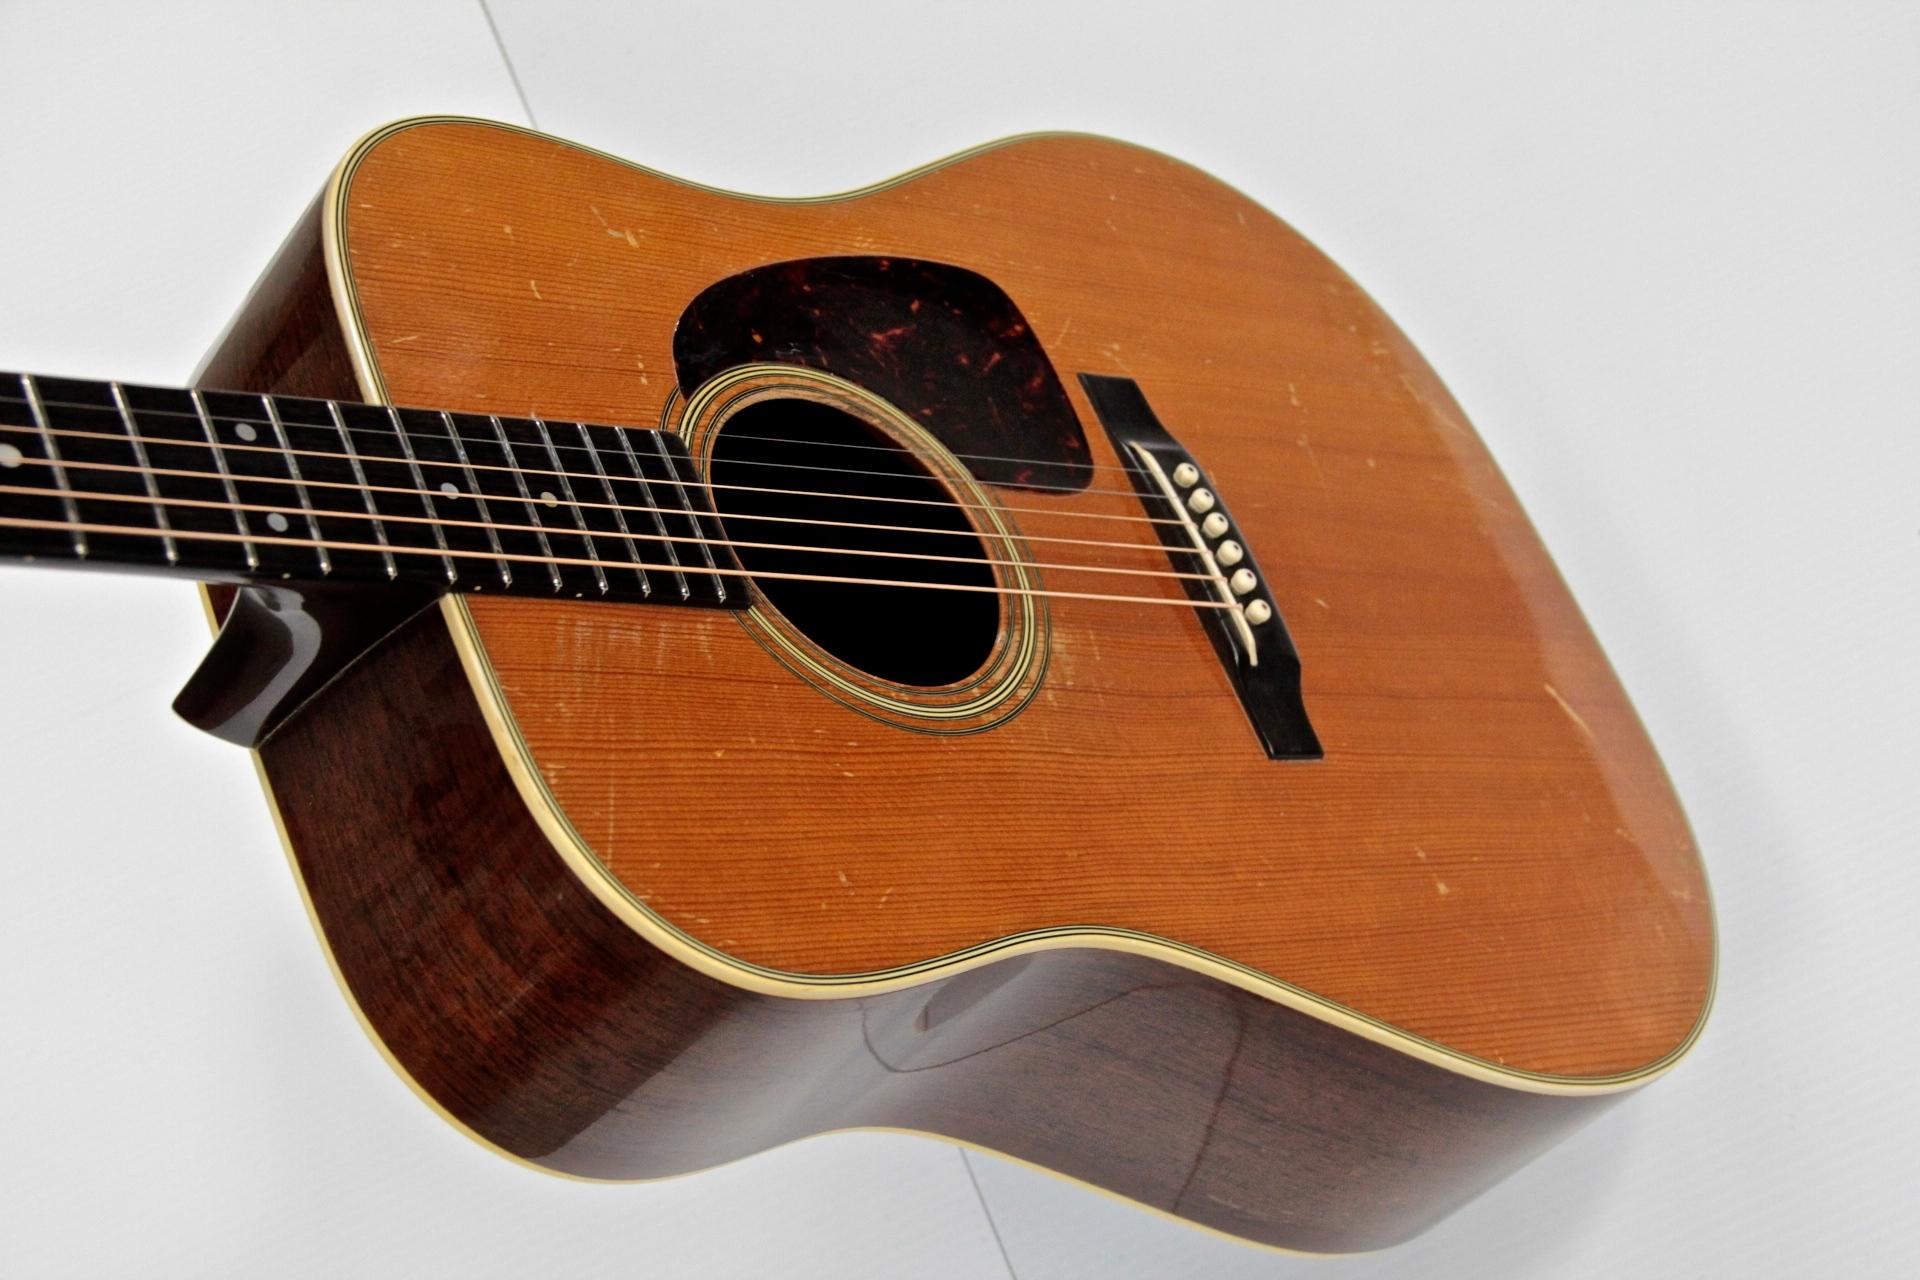 martin d28 1957 natural guitar for sale niles harper guitars. Black Bedroom Furniture Sets. Home Design Ideas